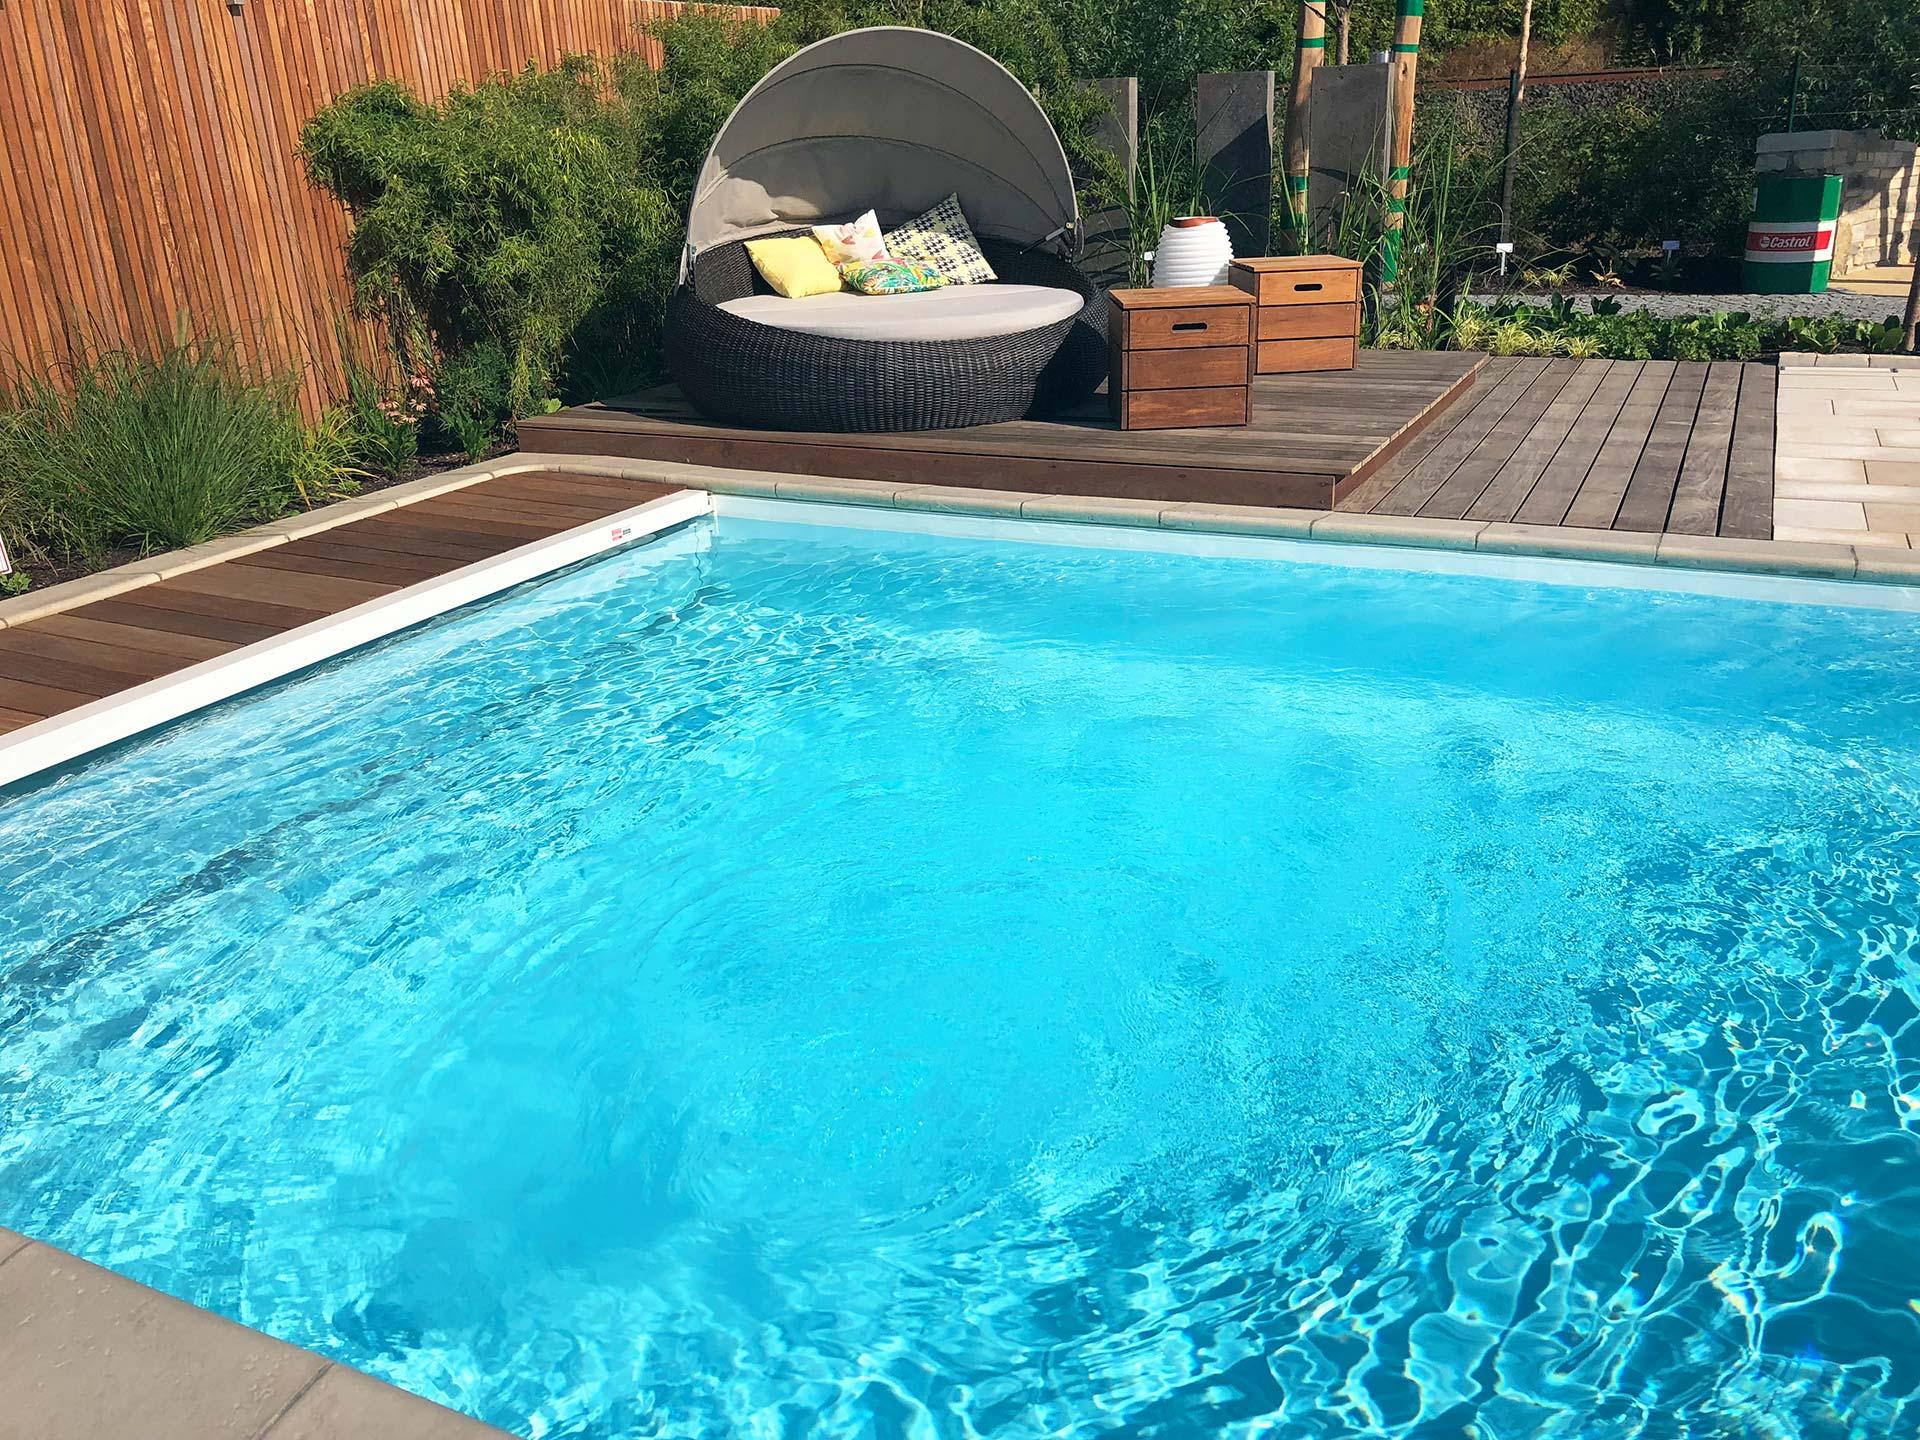 Pool Frankfurt - Desjoyaux Pools